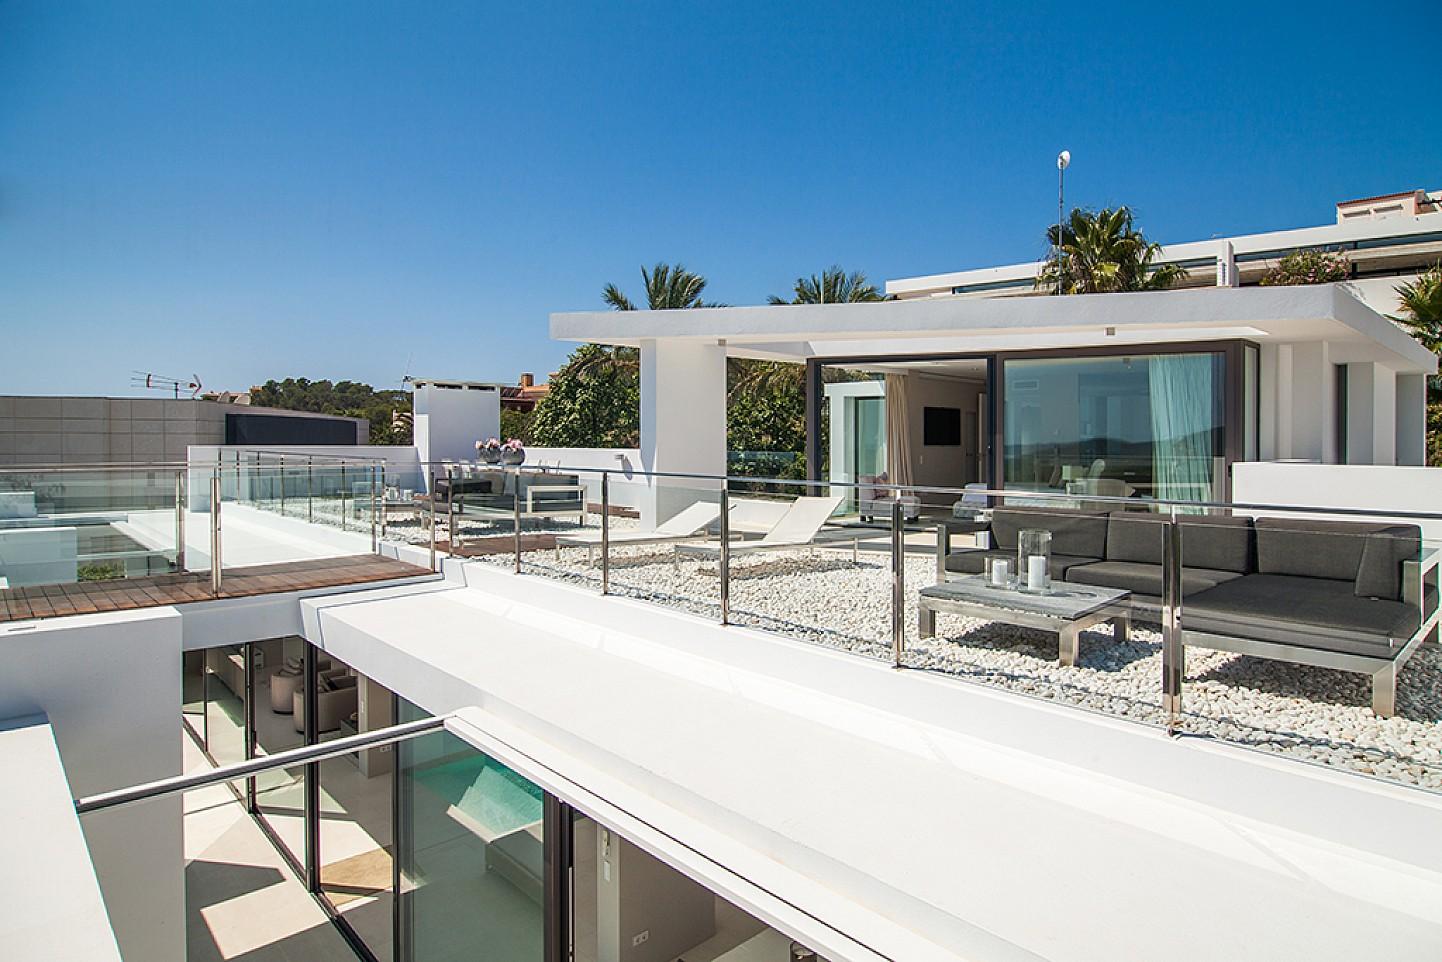 Terrassa d'una impressionant vila de luxe en lloguer a Es Cubells, Eivissa